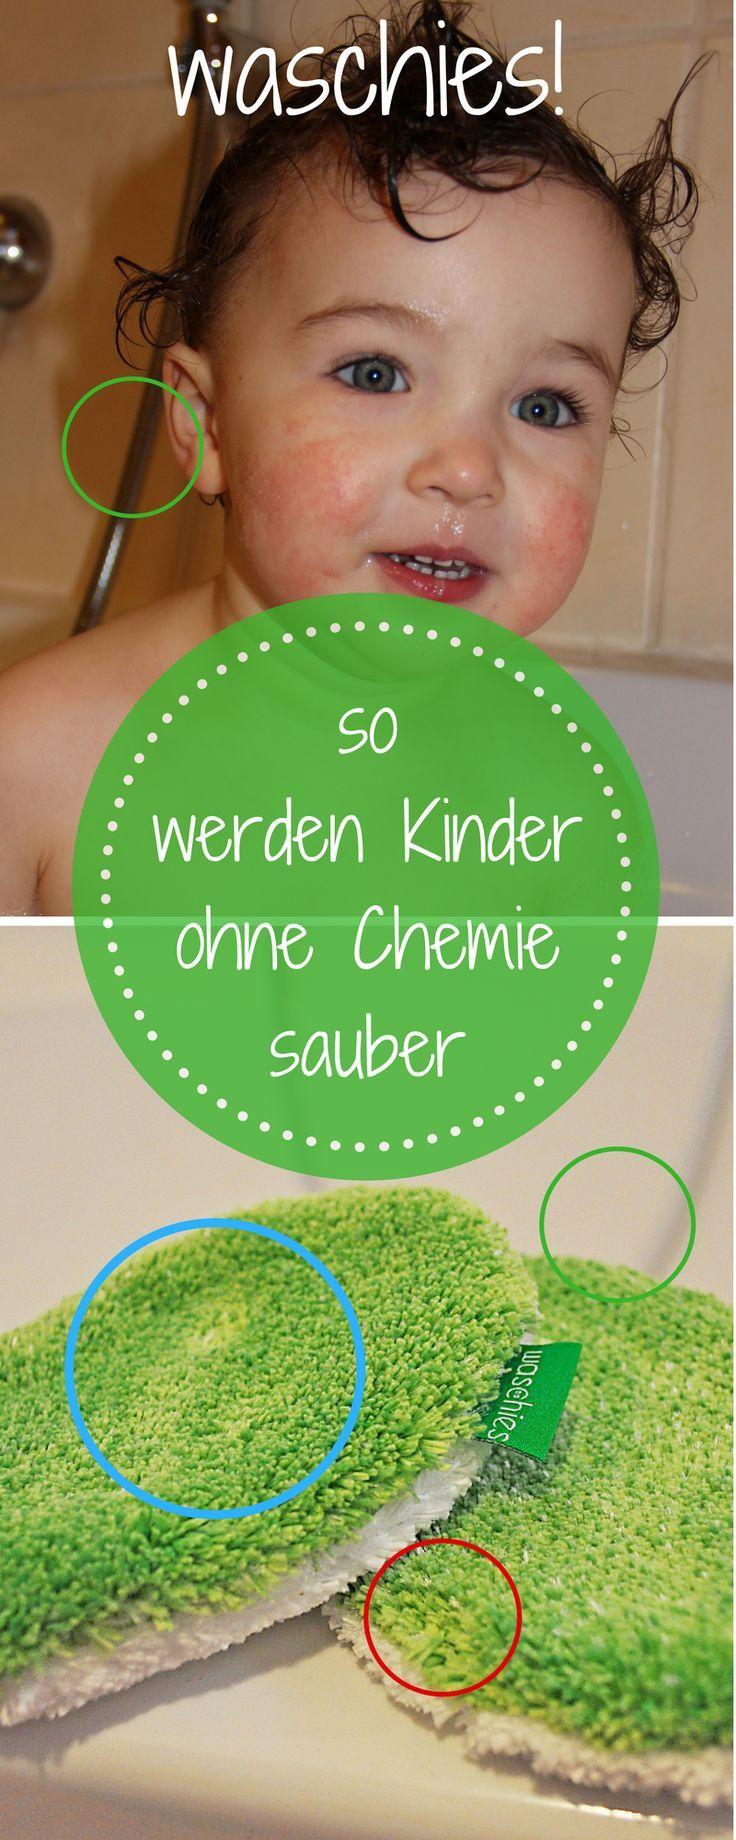 Waschies – Kinderhaut reinigen ohne Chemie